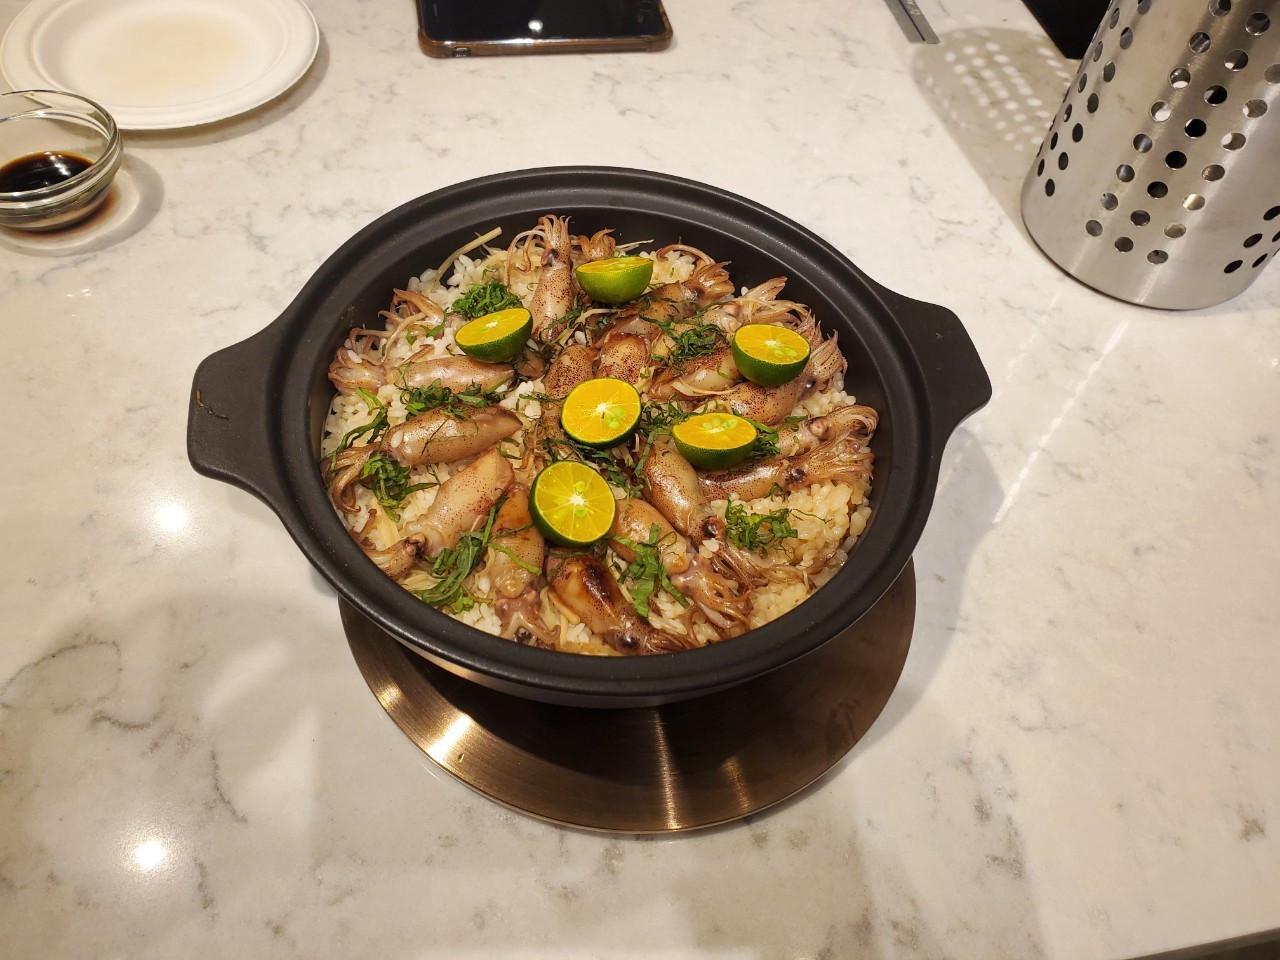 【湯瑪仕上菜】-料亭風炙燒小卷炊飯